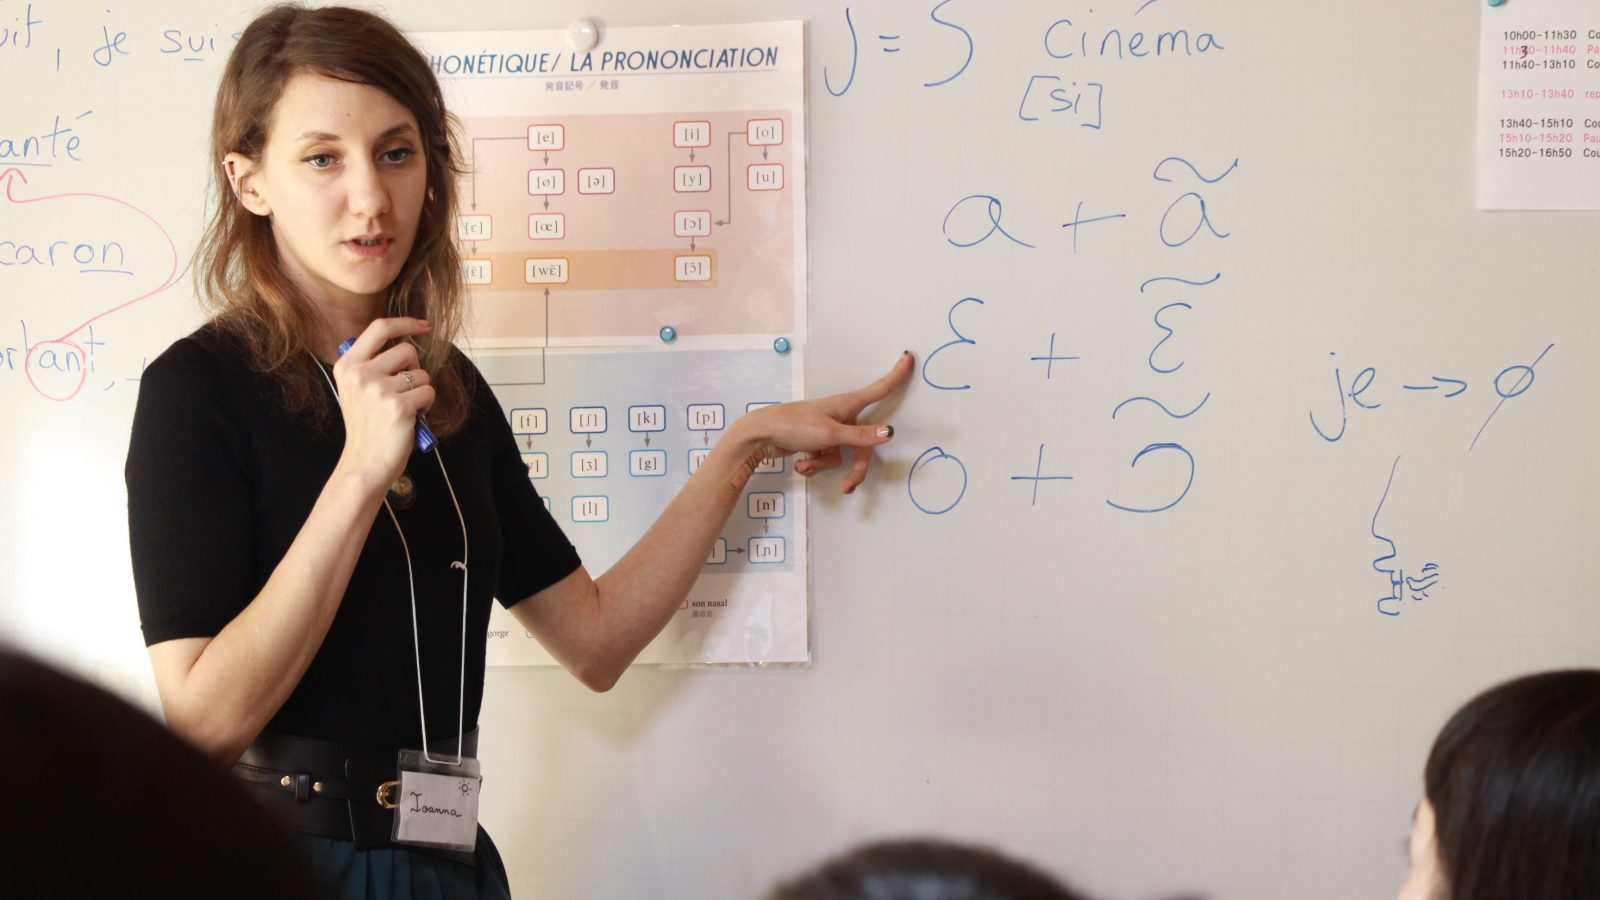 発音指導するフランス人講師